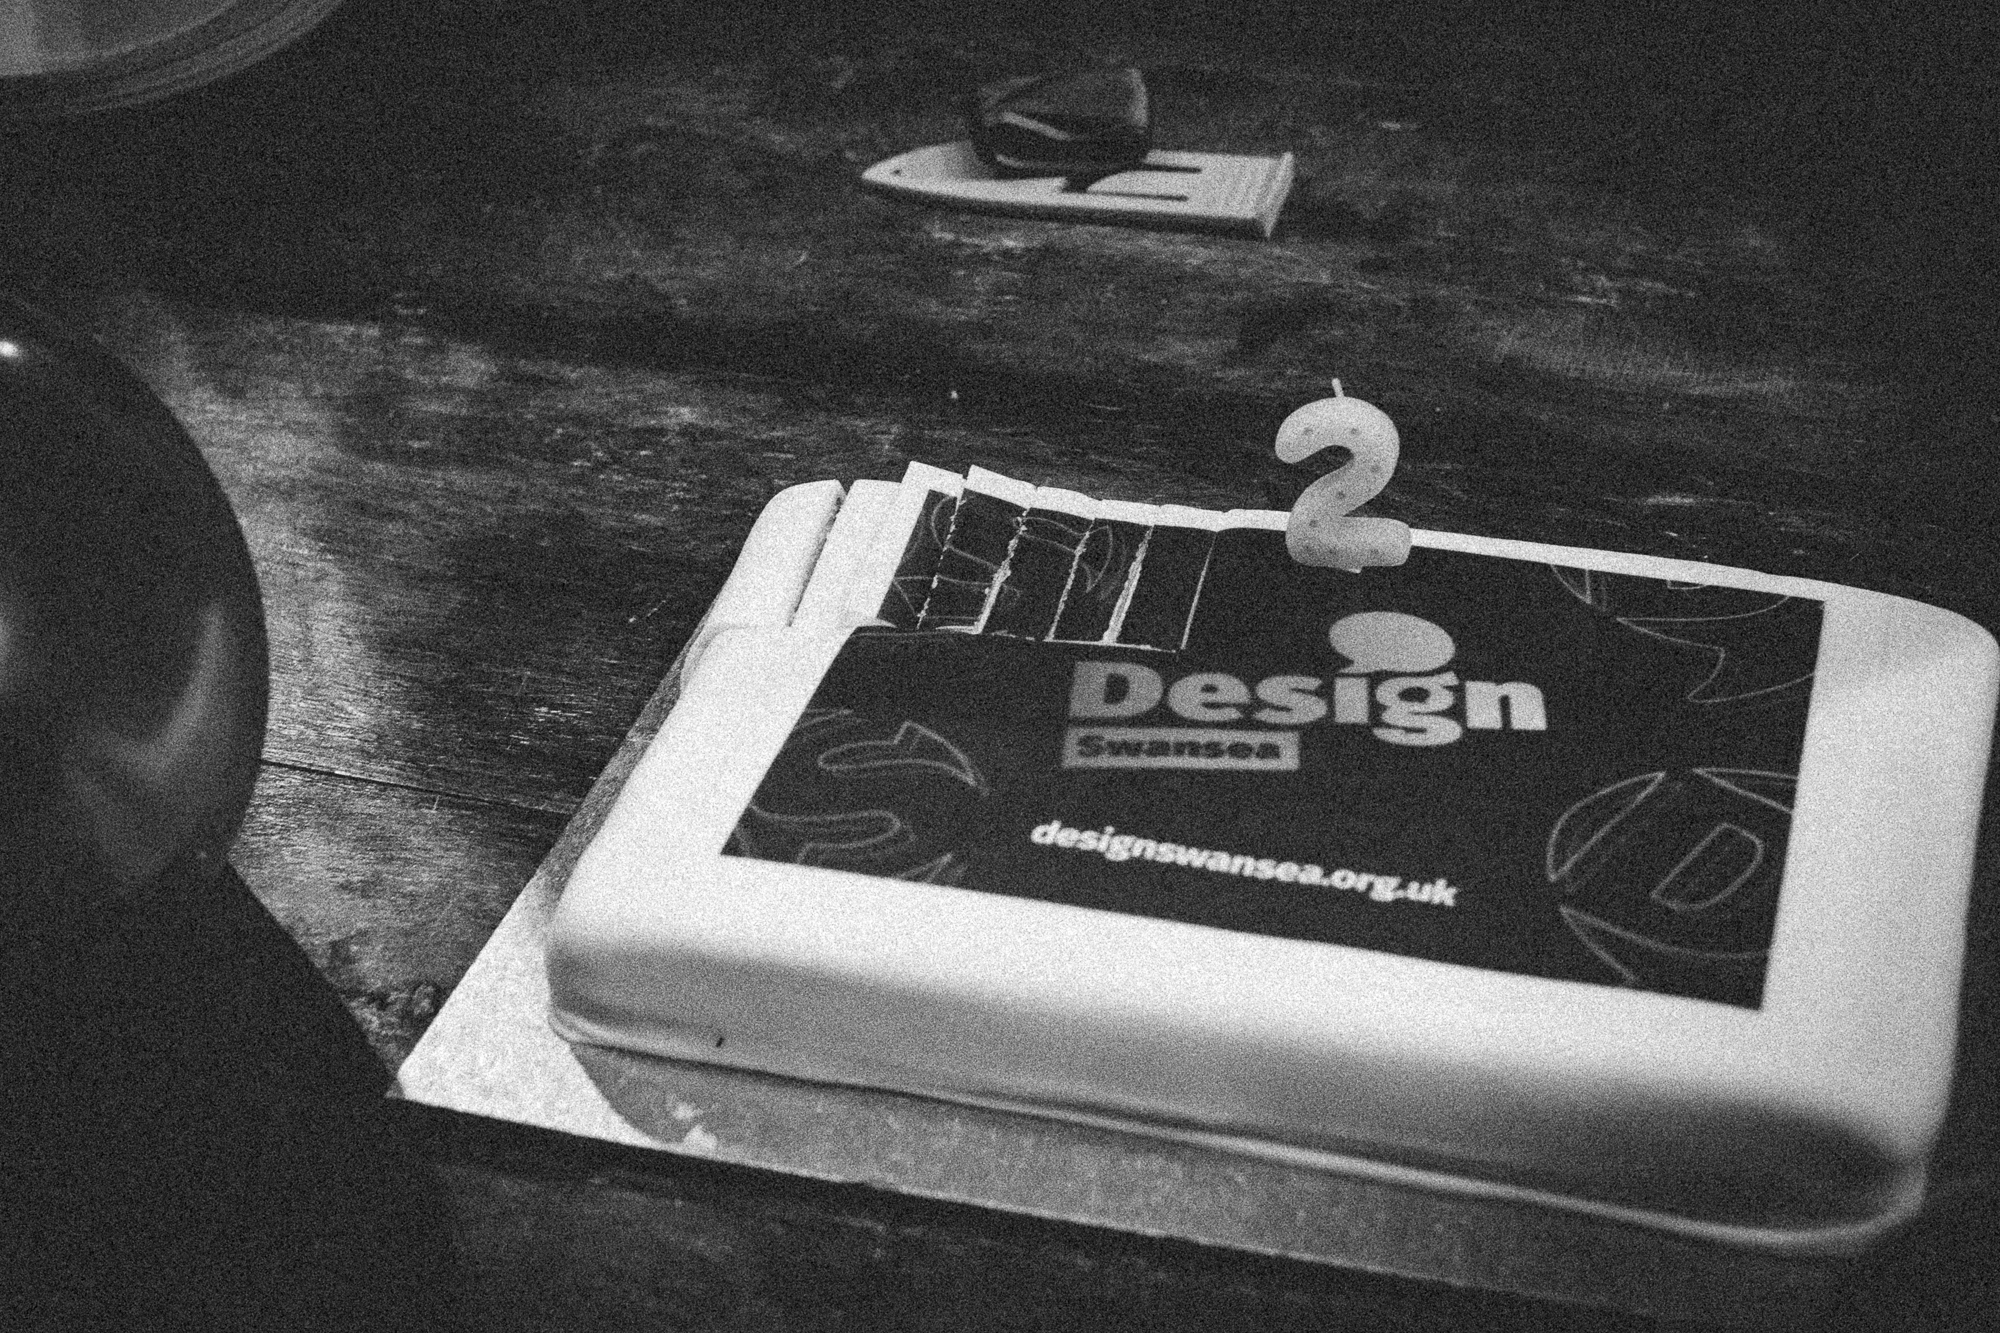 design-swansea-20170302-DSCF0707.jpg